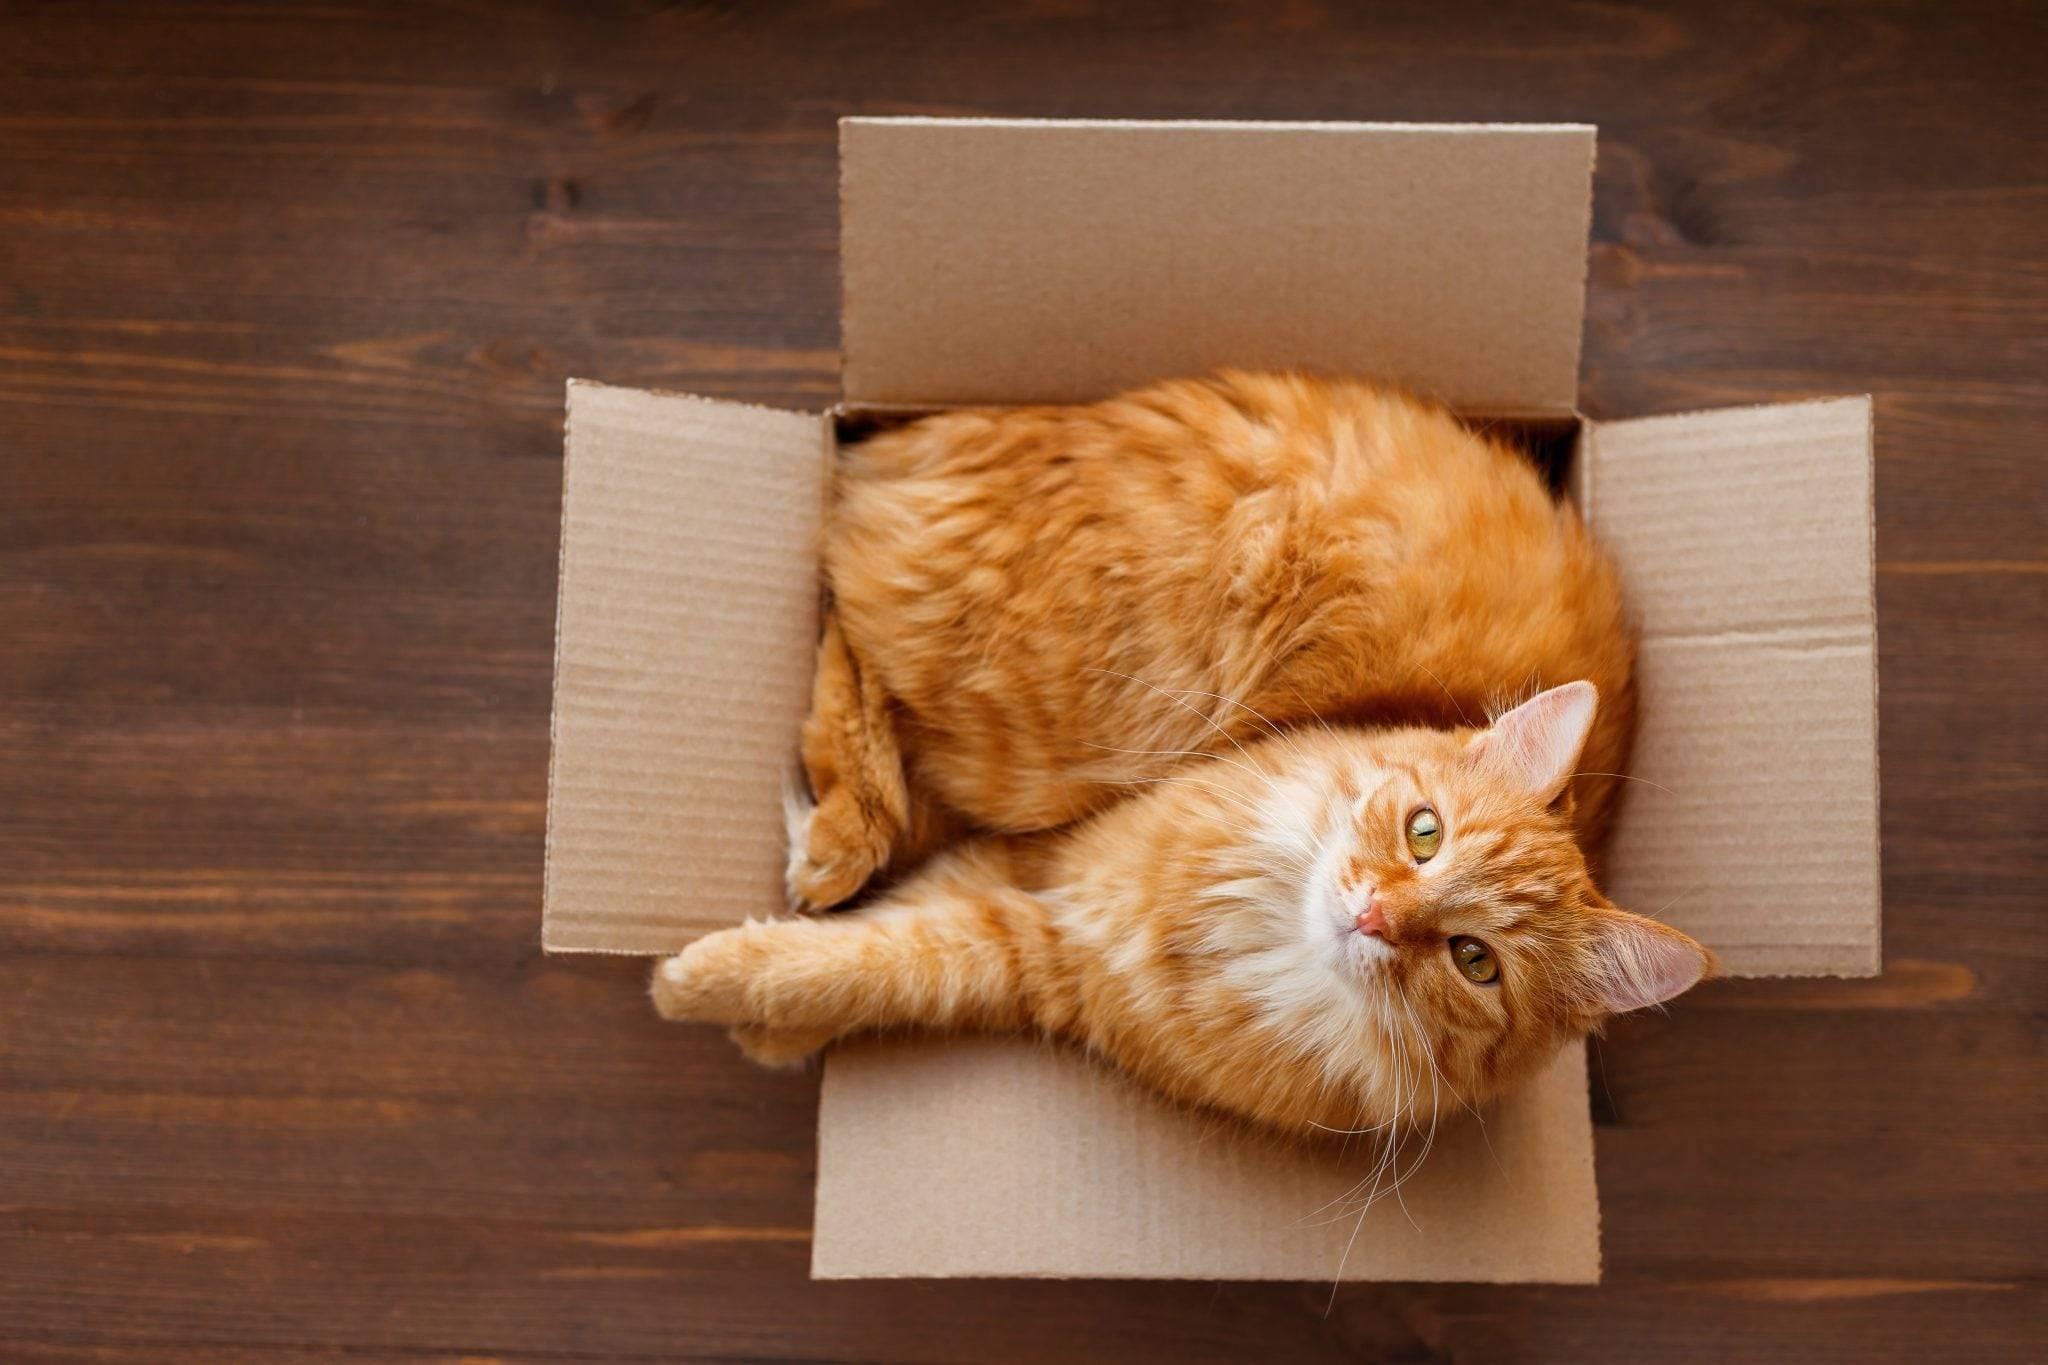 Как приучить кошку к новому дому: подготовка, чего нельзя делать